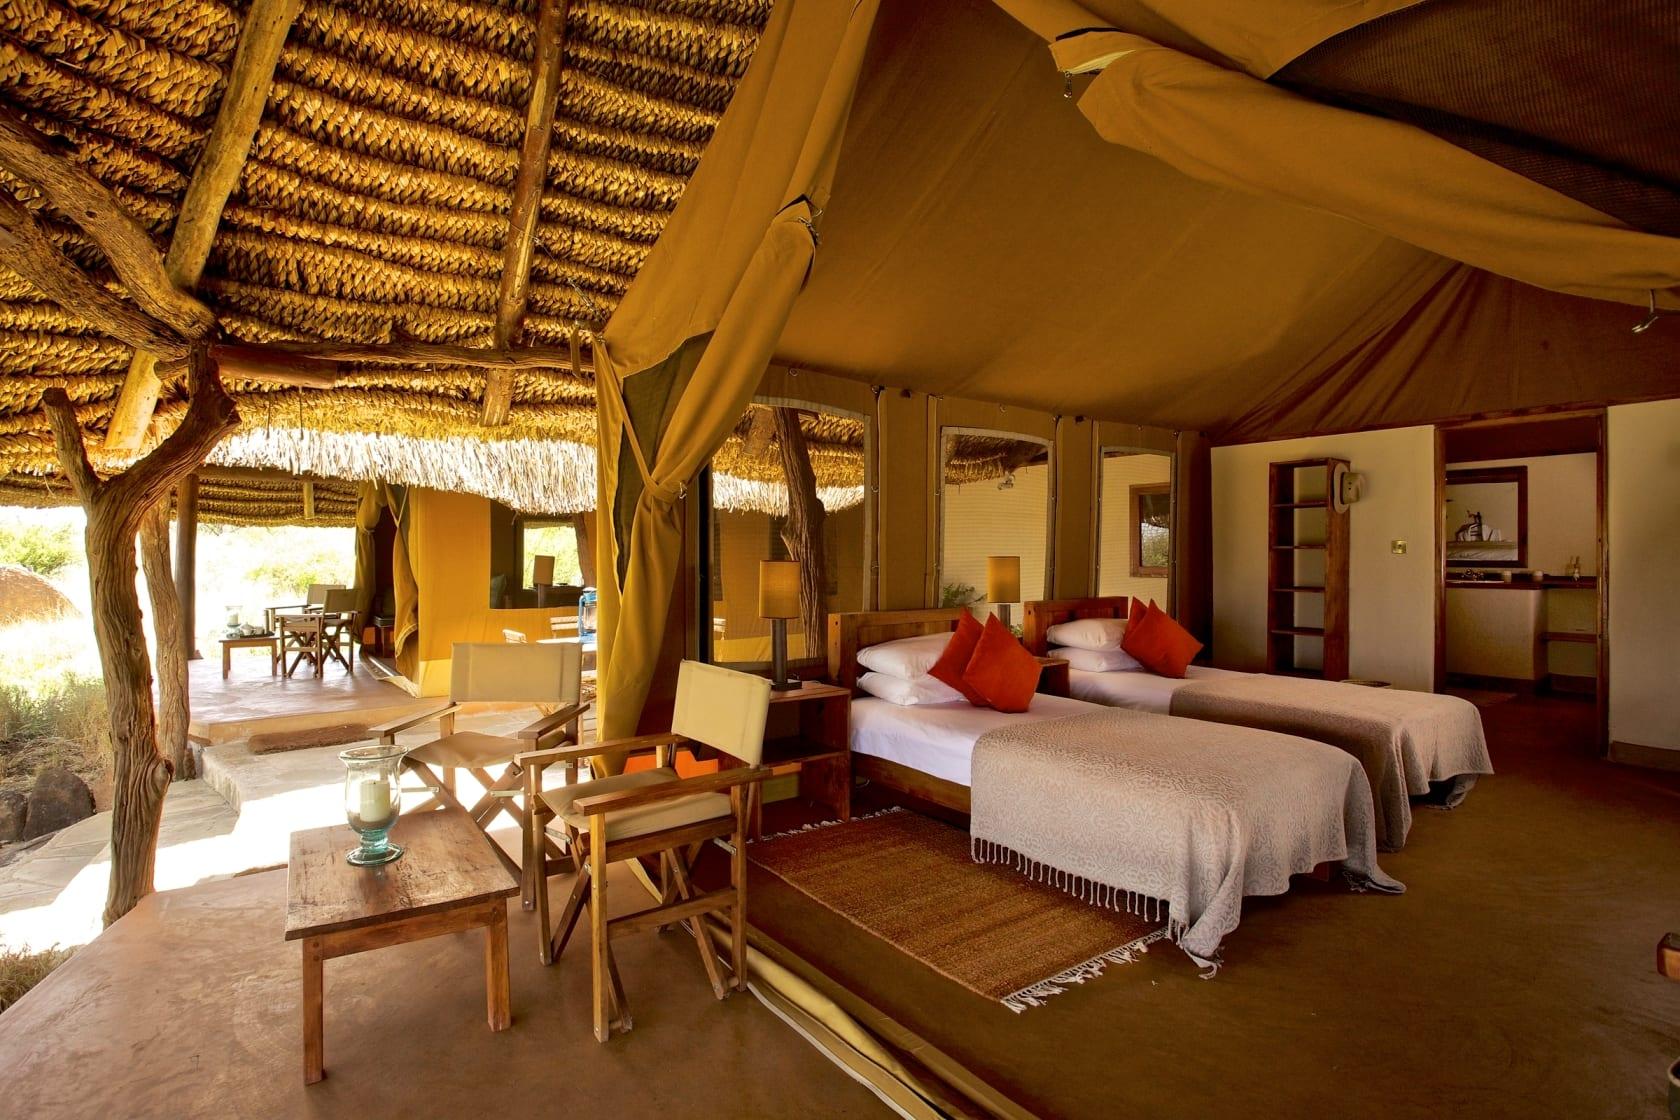 Elewana Lewa Safari Camp Family Tent